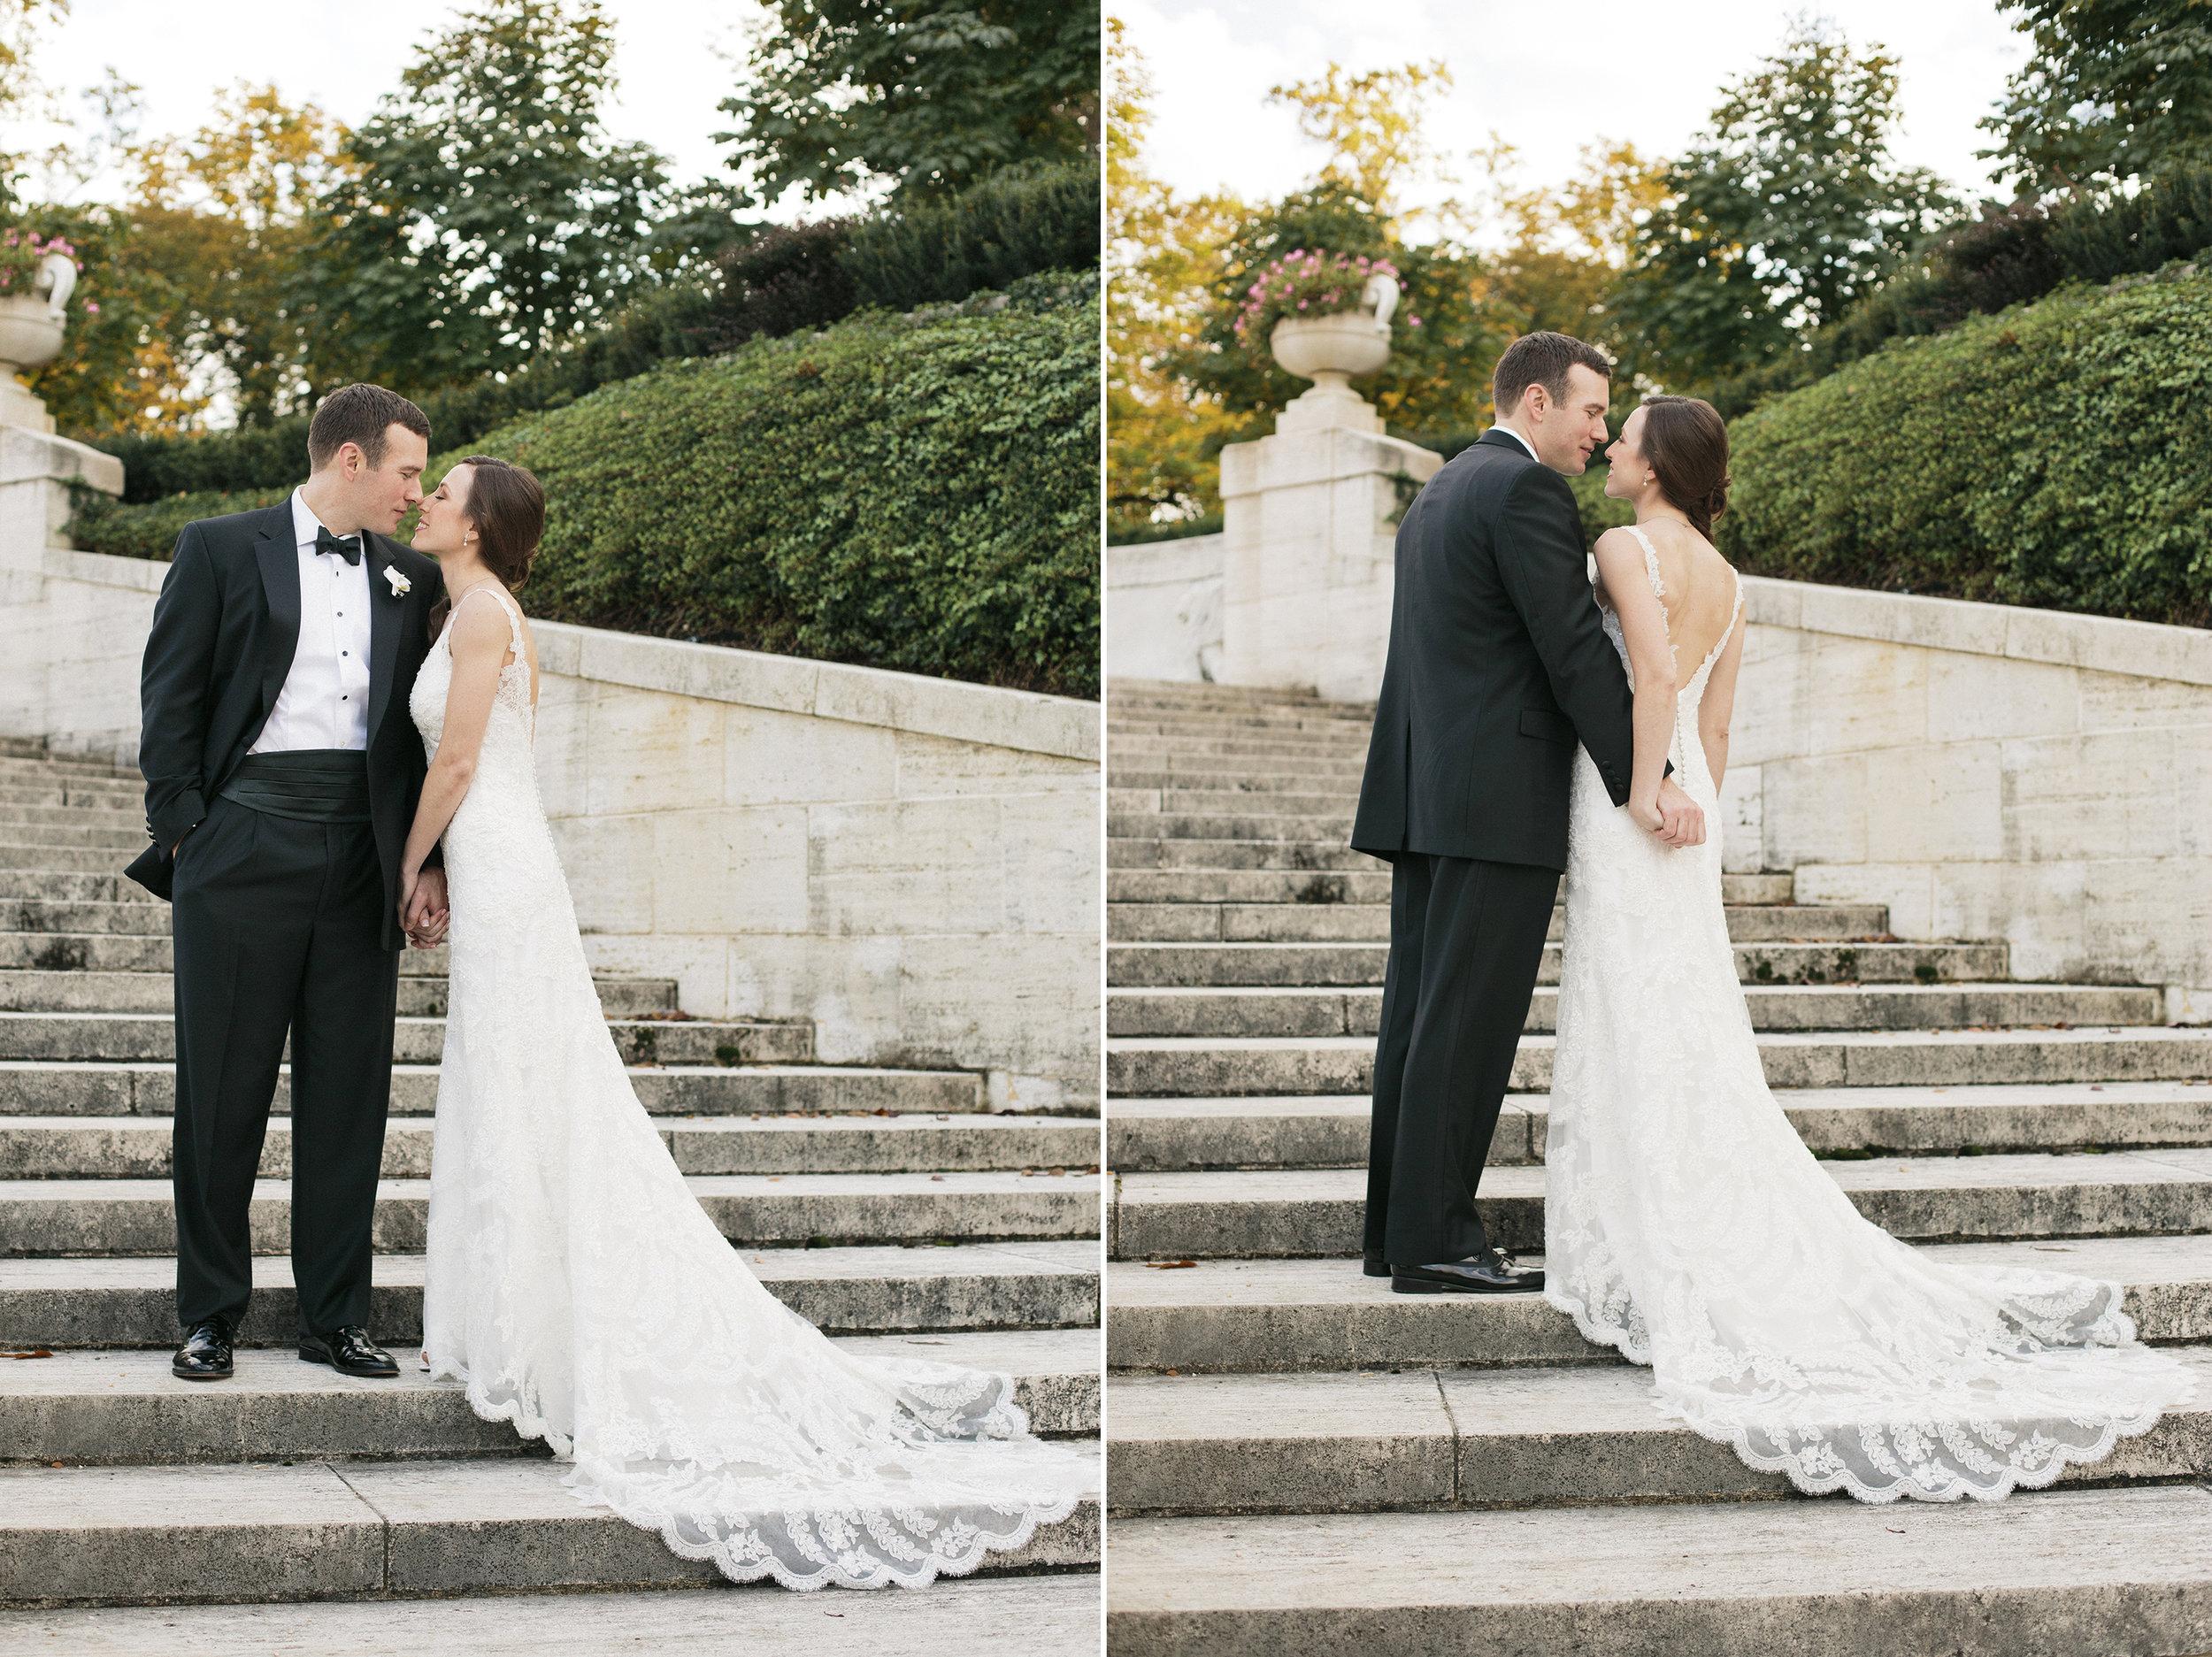 Nemours-Delaware-Art-Museum-Fall-Film-Wedding-Photographer-040.jpg